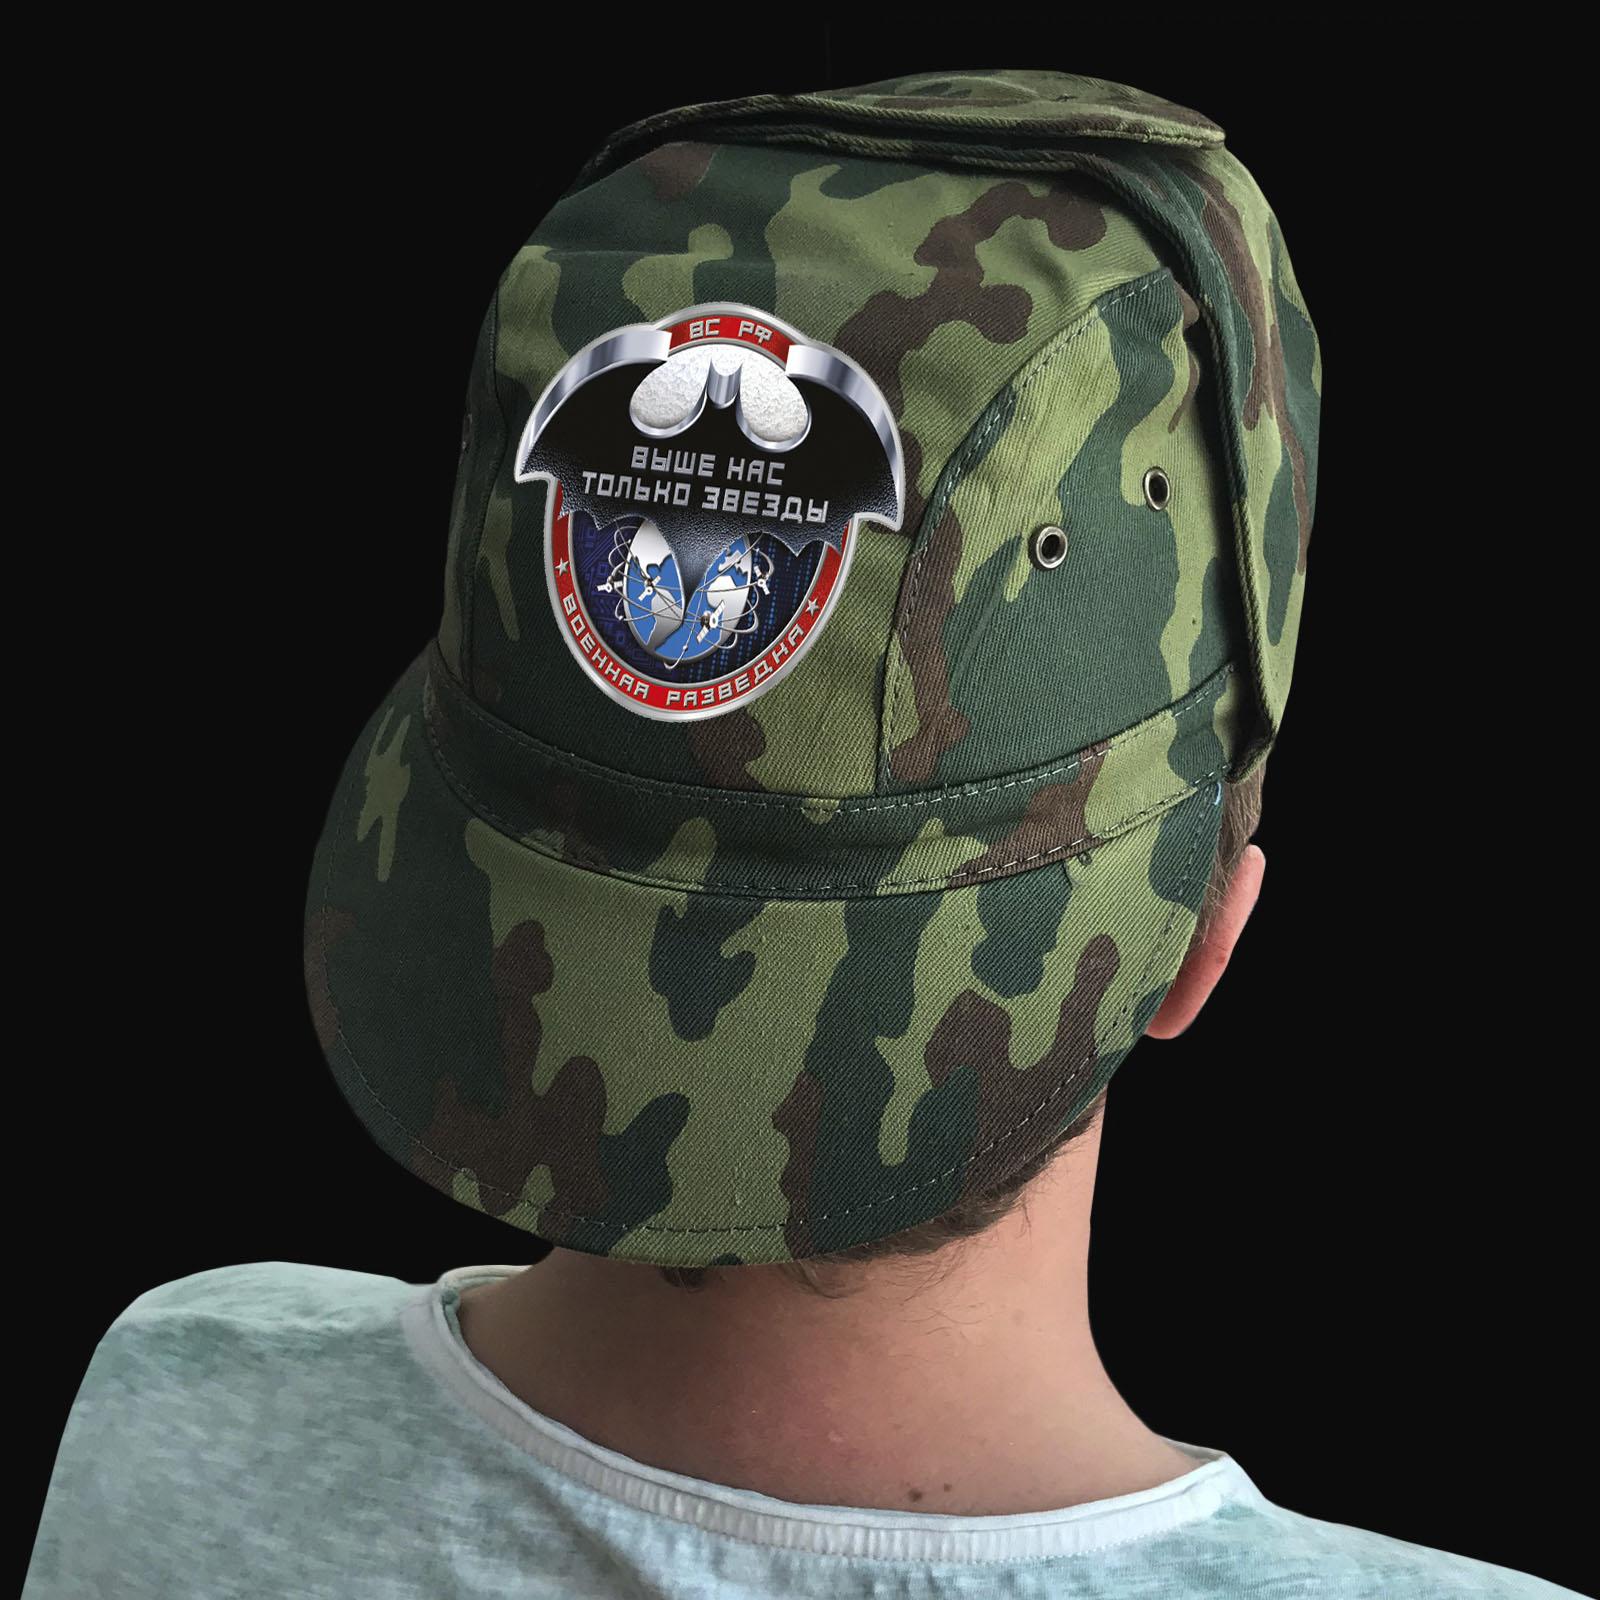 Купить мужскую кепку-камуфляж с термотрансфером Военная Разведка РФ по низкой цене